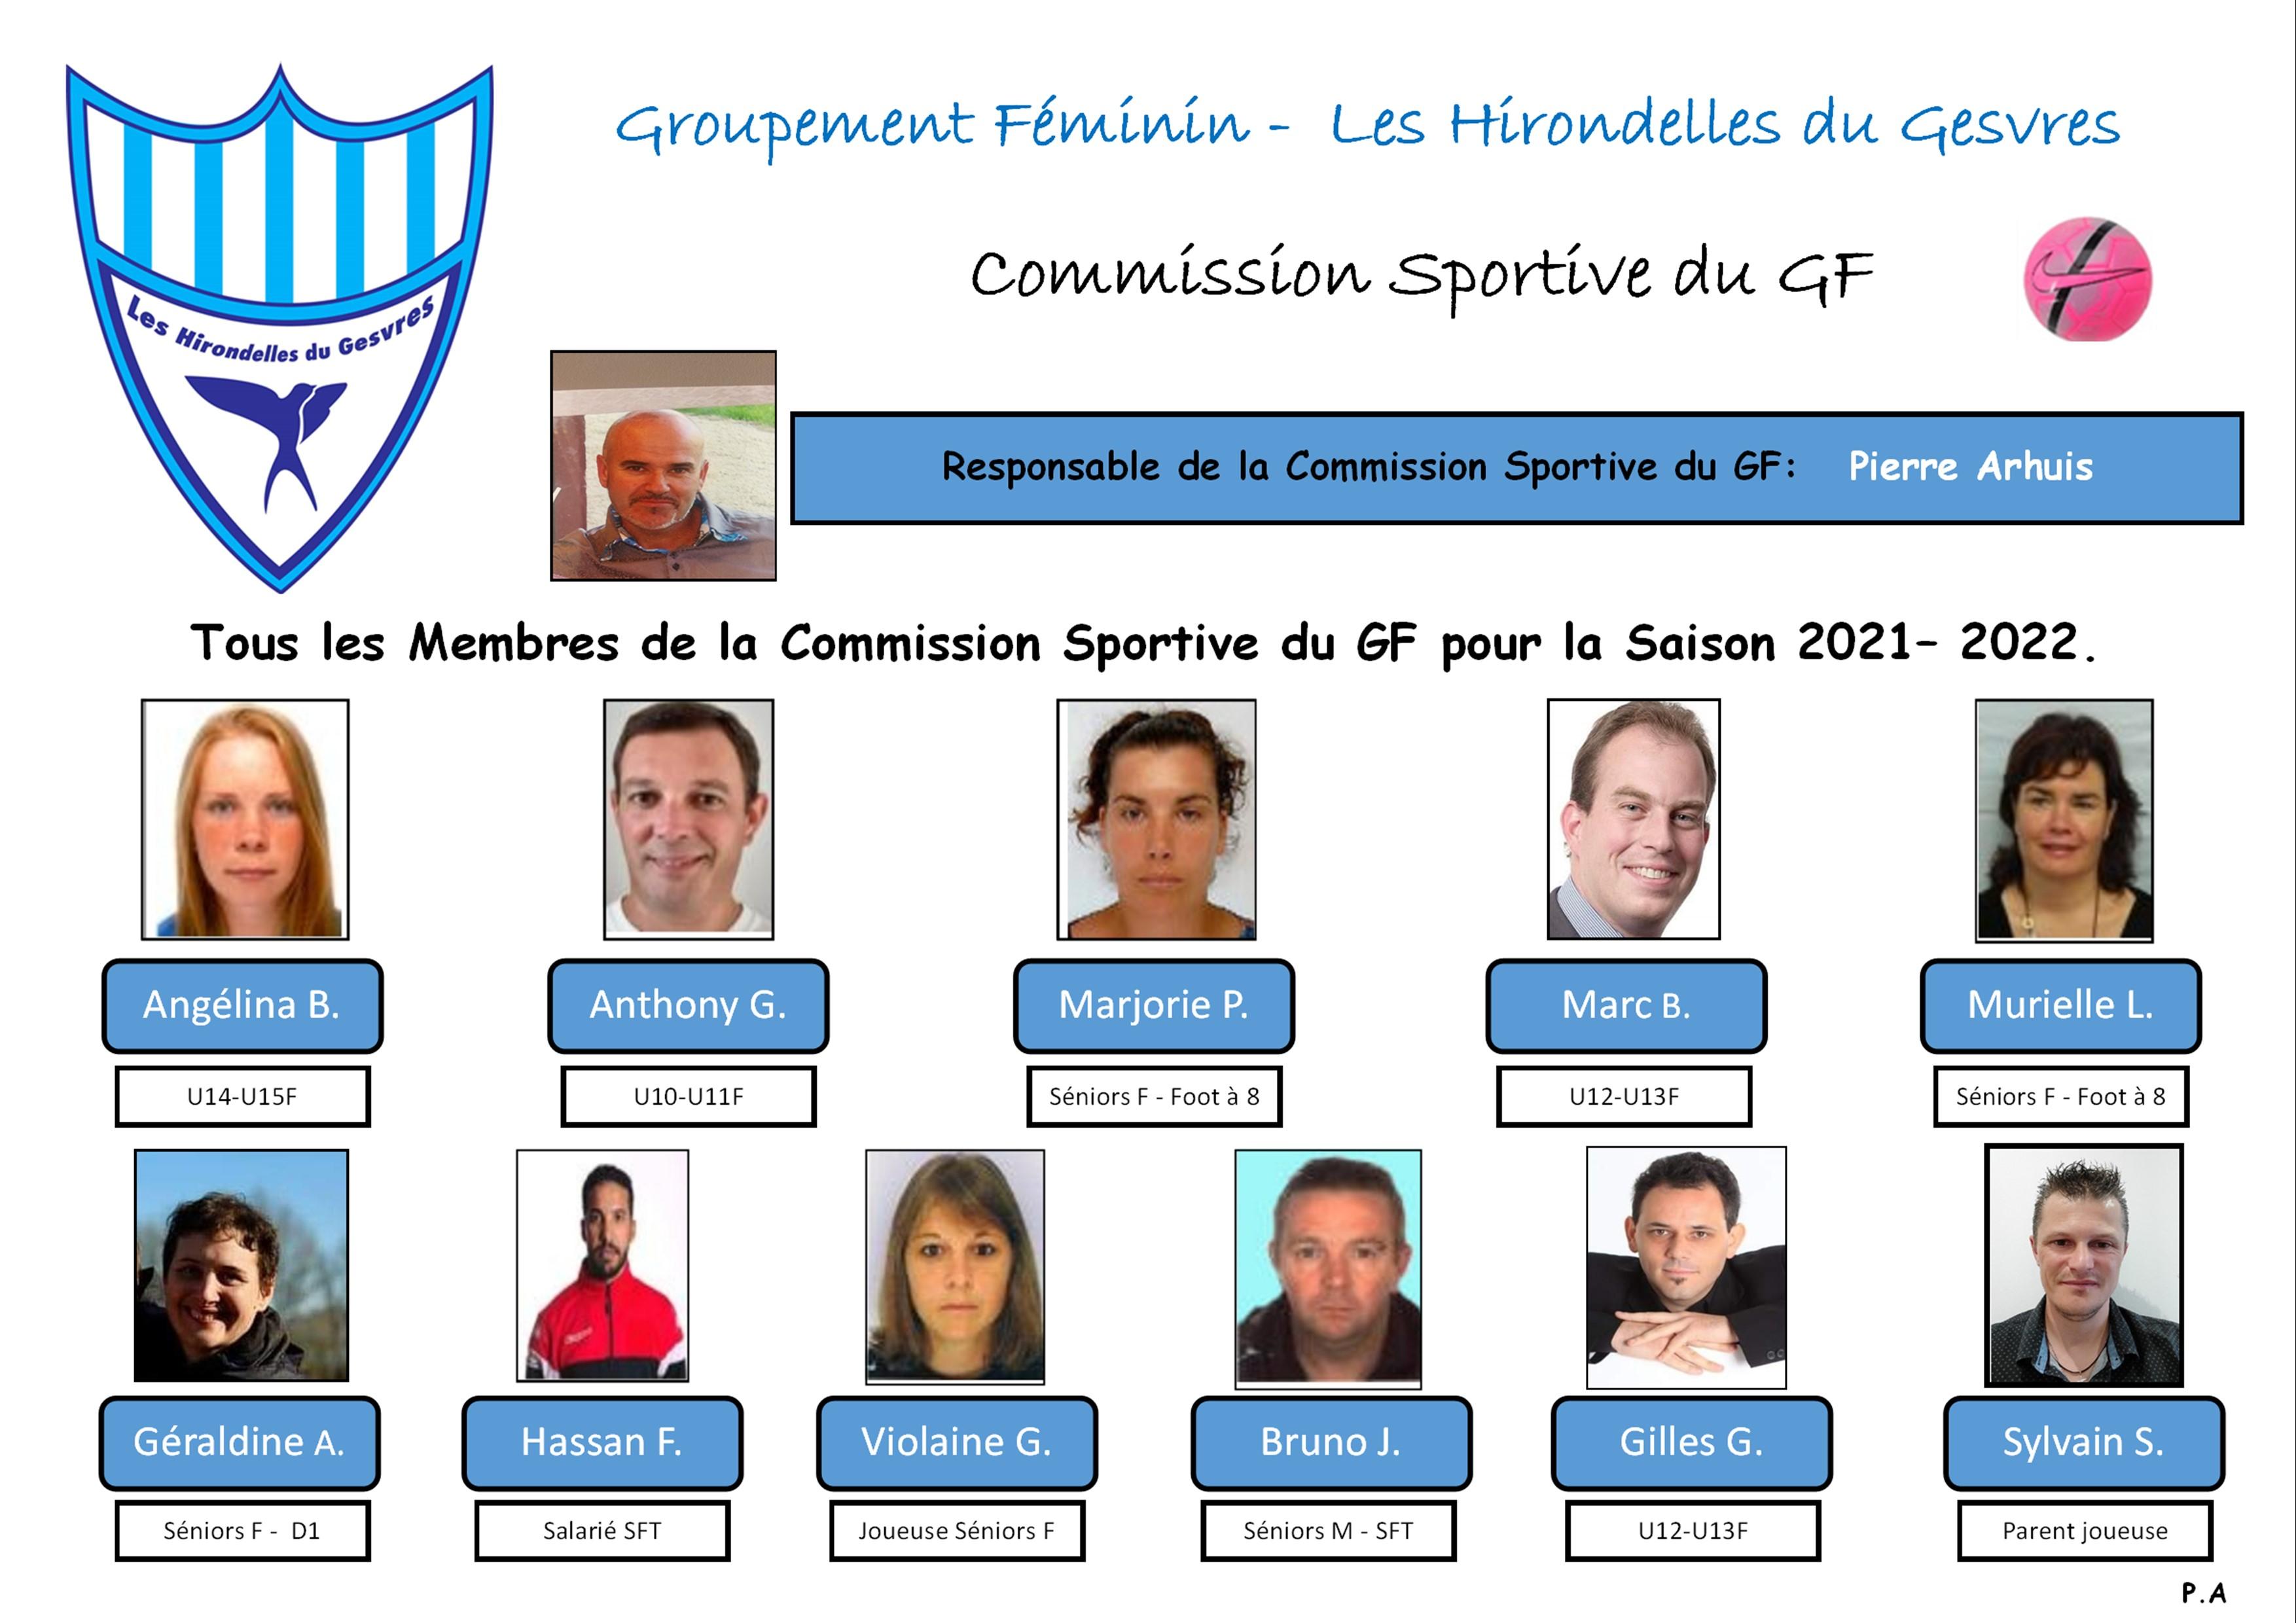 Commission sportive du GF saison 2021/2022